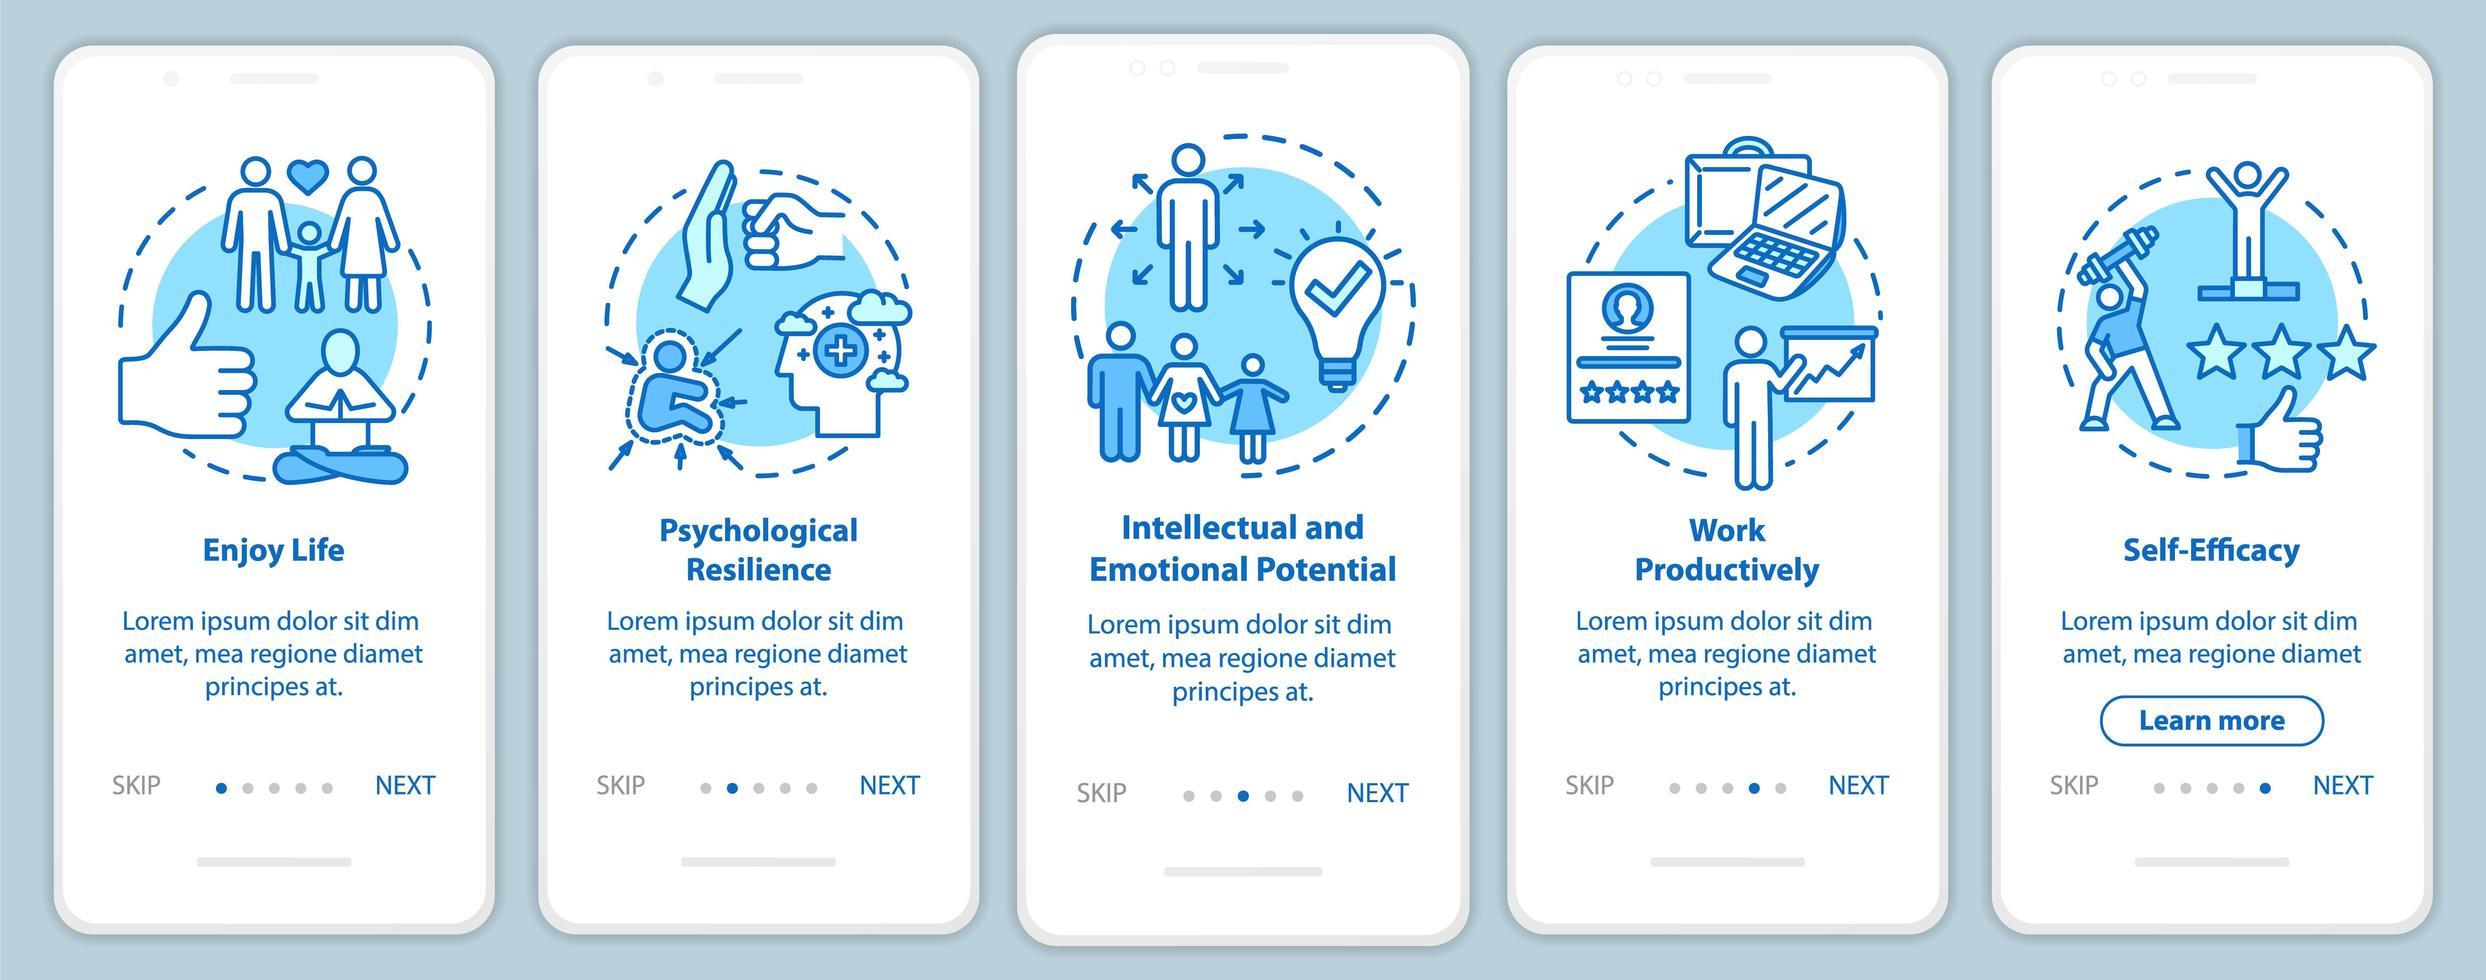 écran de la page de l'application mobile d'intégration de la santé mentale vecteur